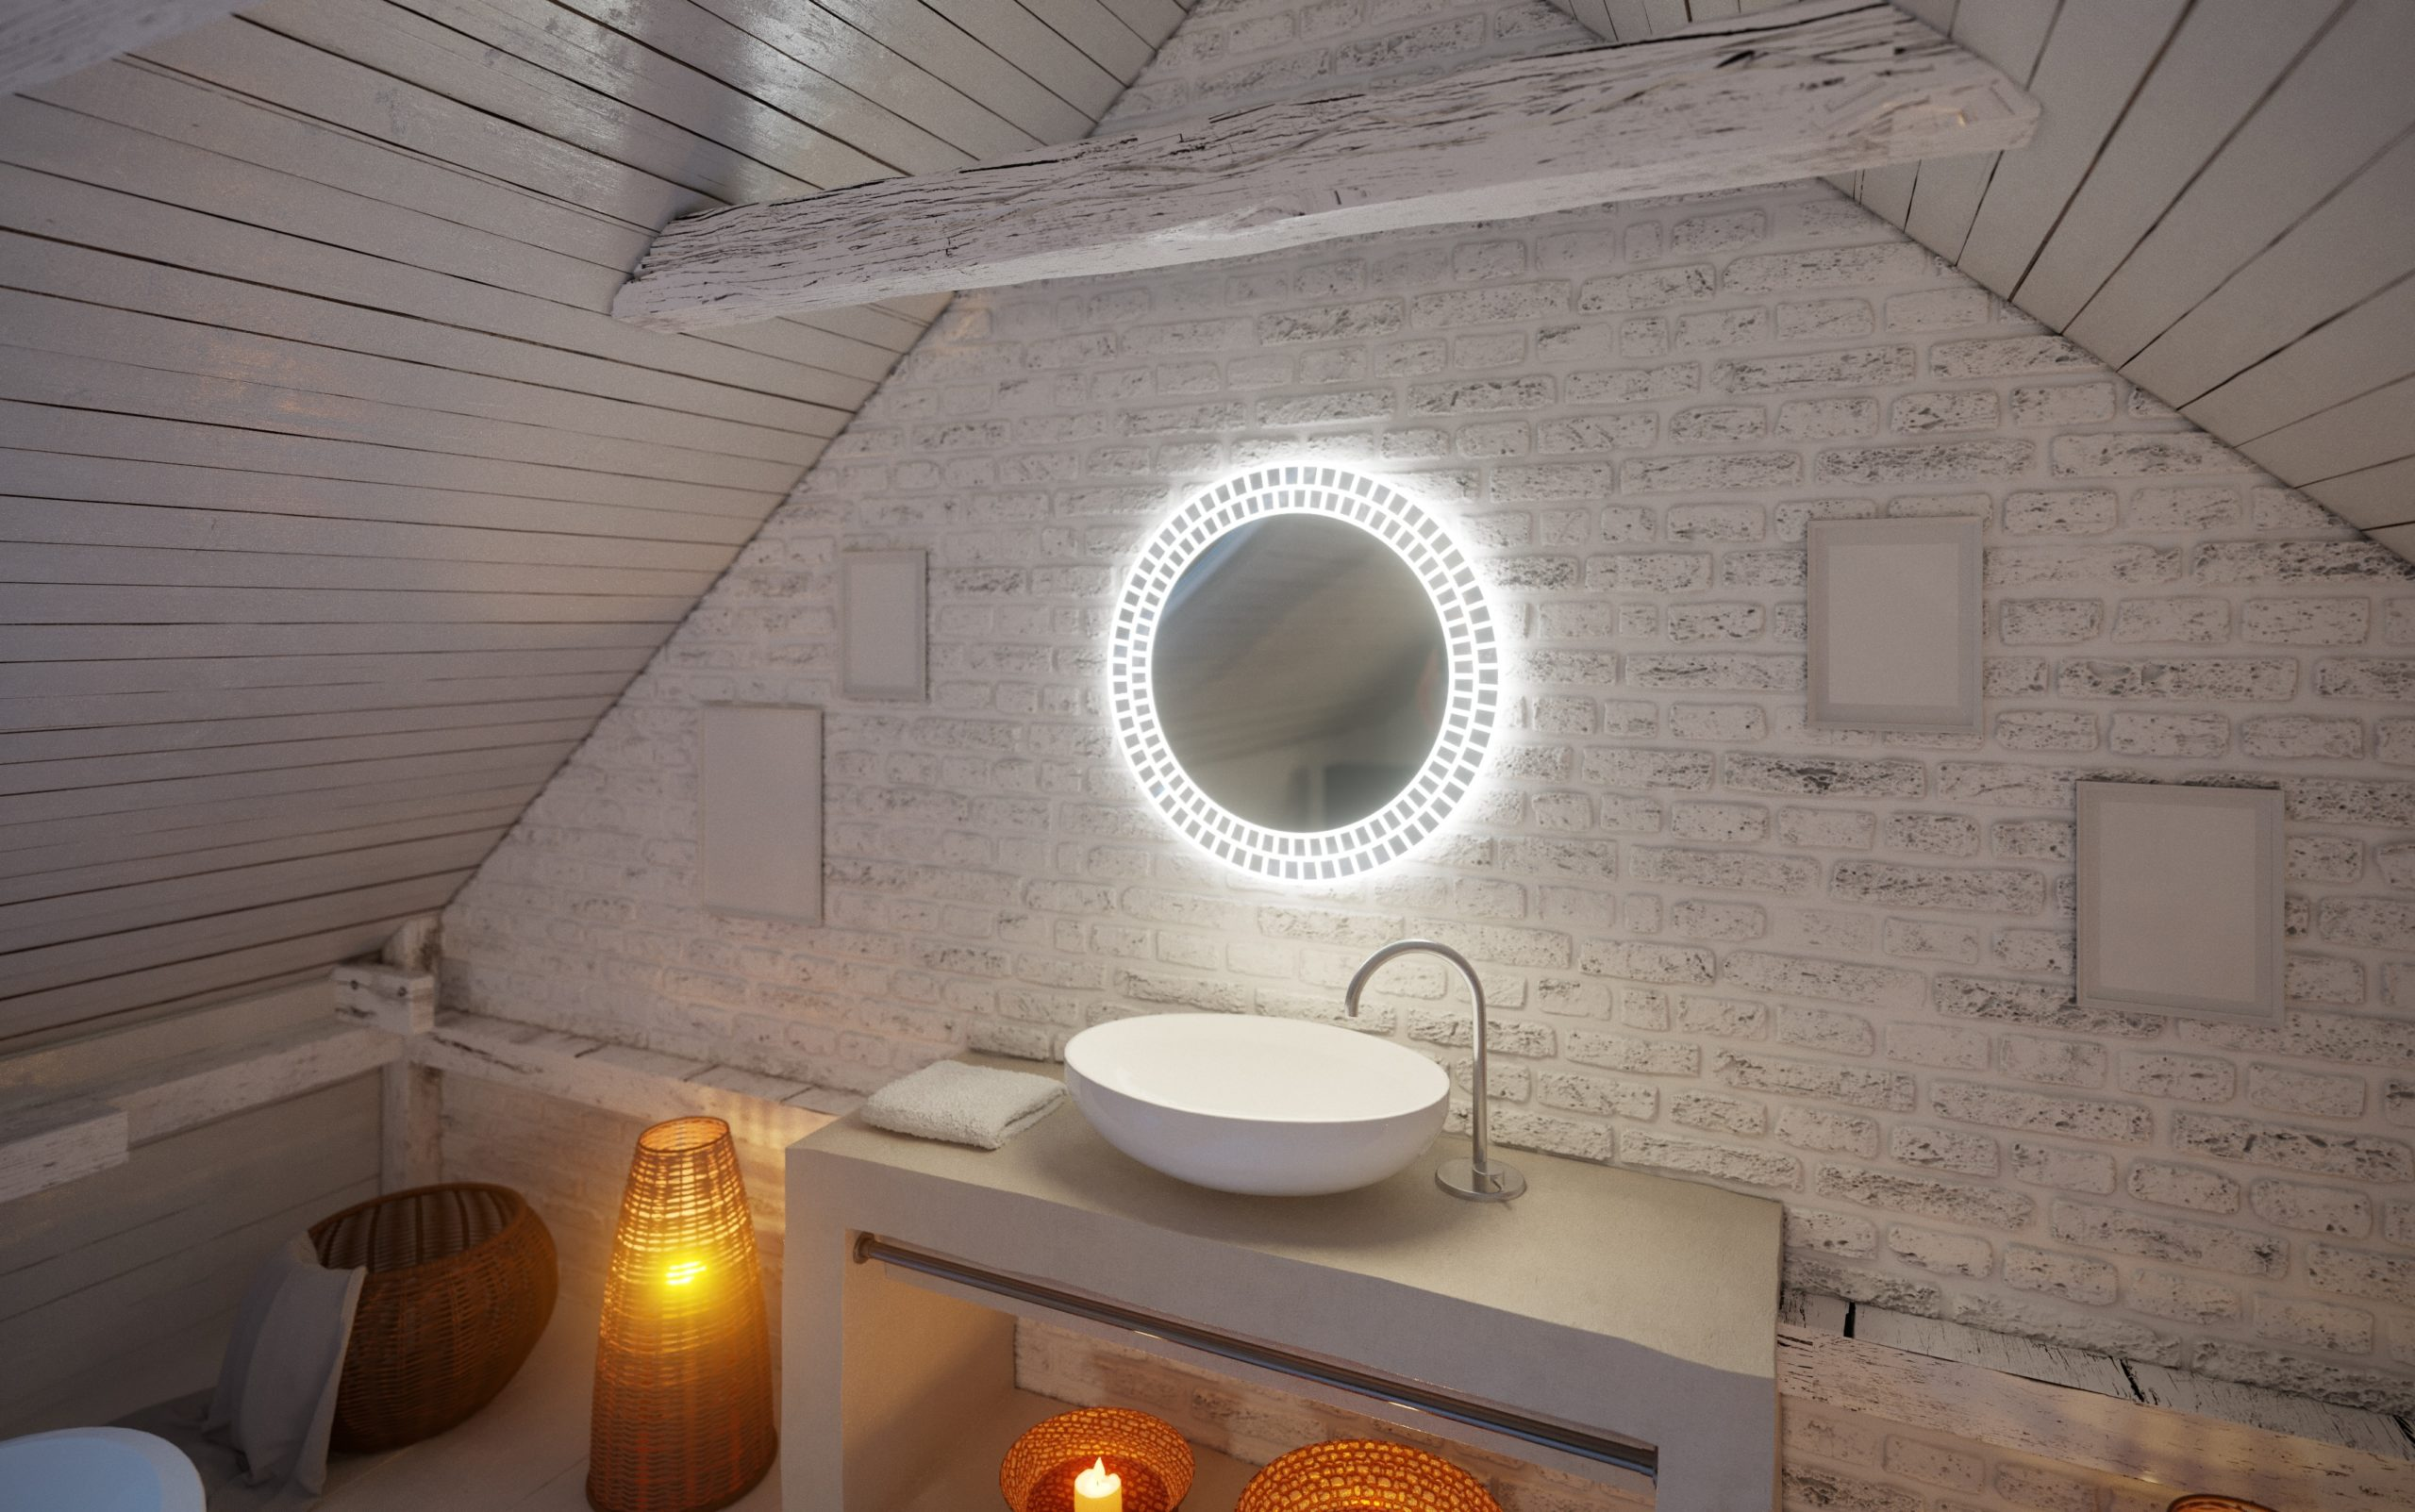 miroir salle de bains sols concept gardanne